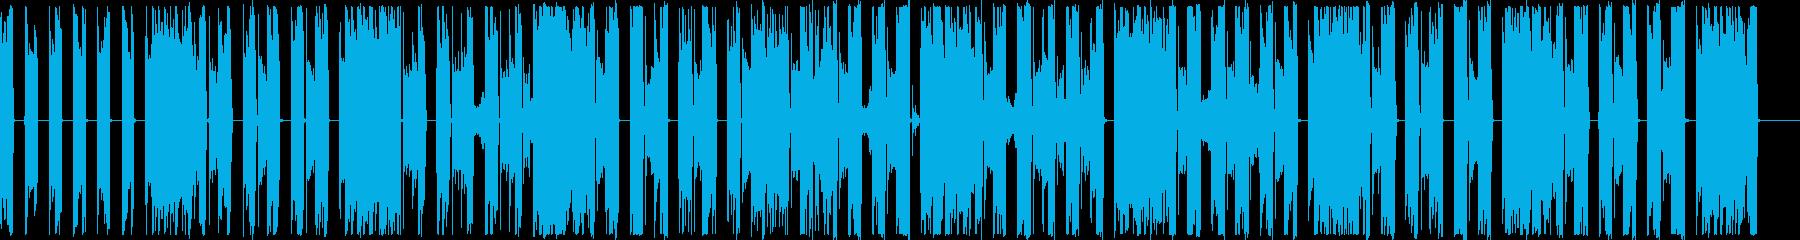 不思議でスタイリッシュな生音系楽曲の再生済みの波形